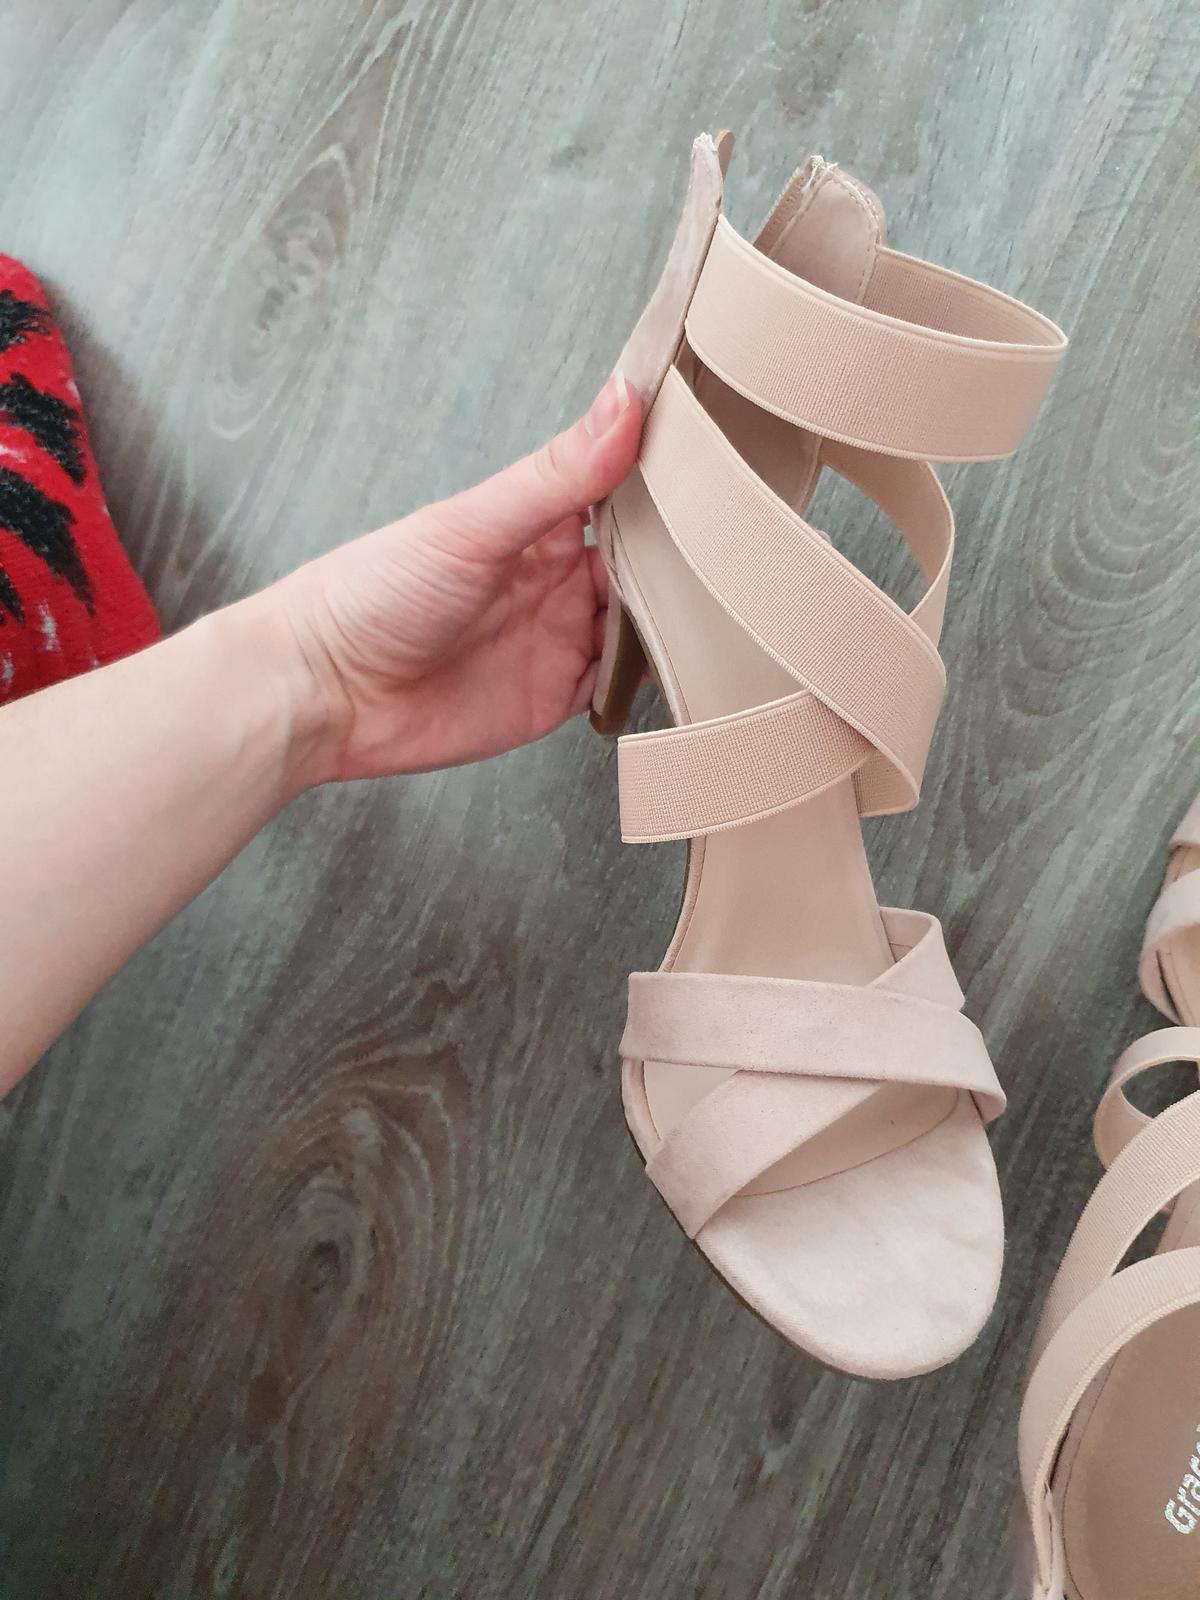 Ružové sandalky - Obrázok č. 1